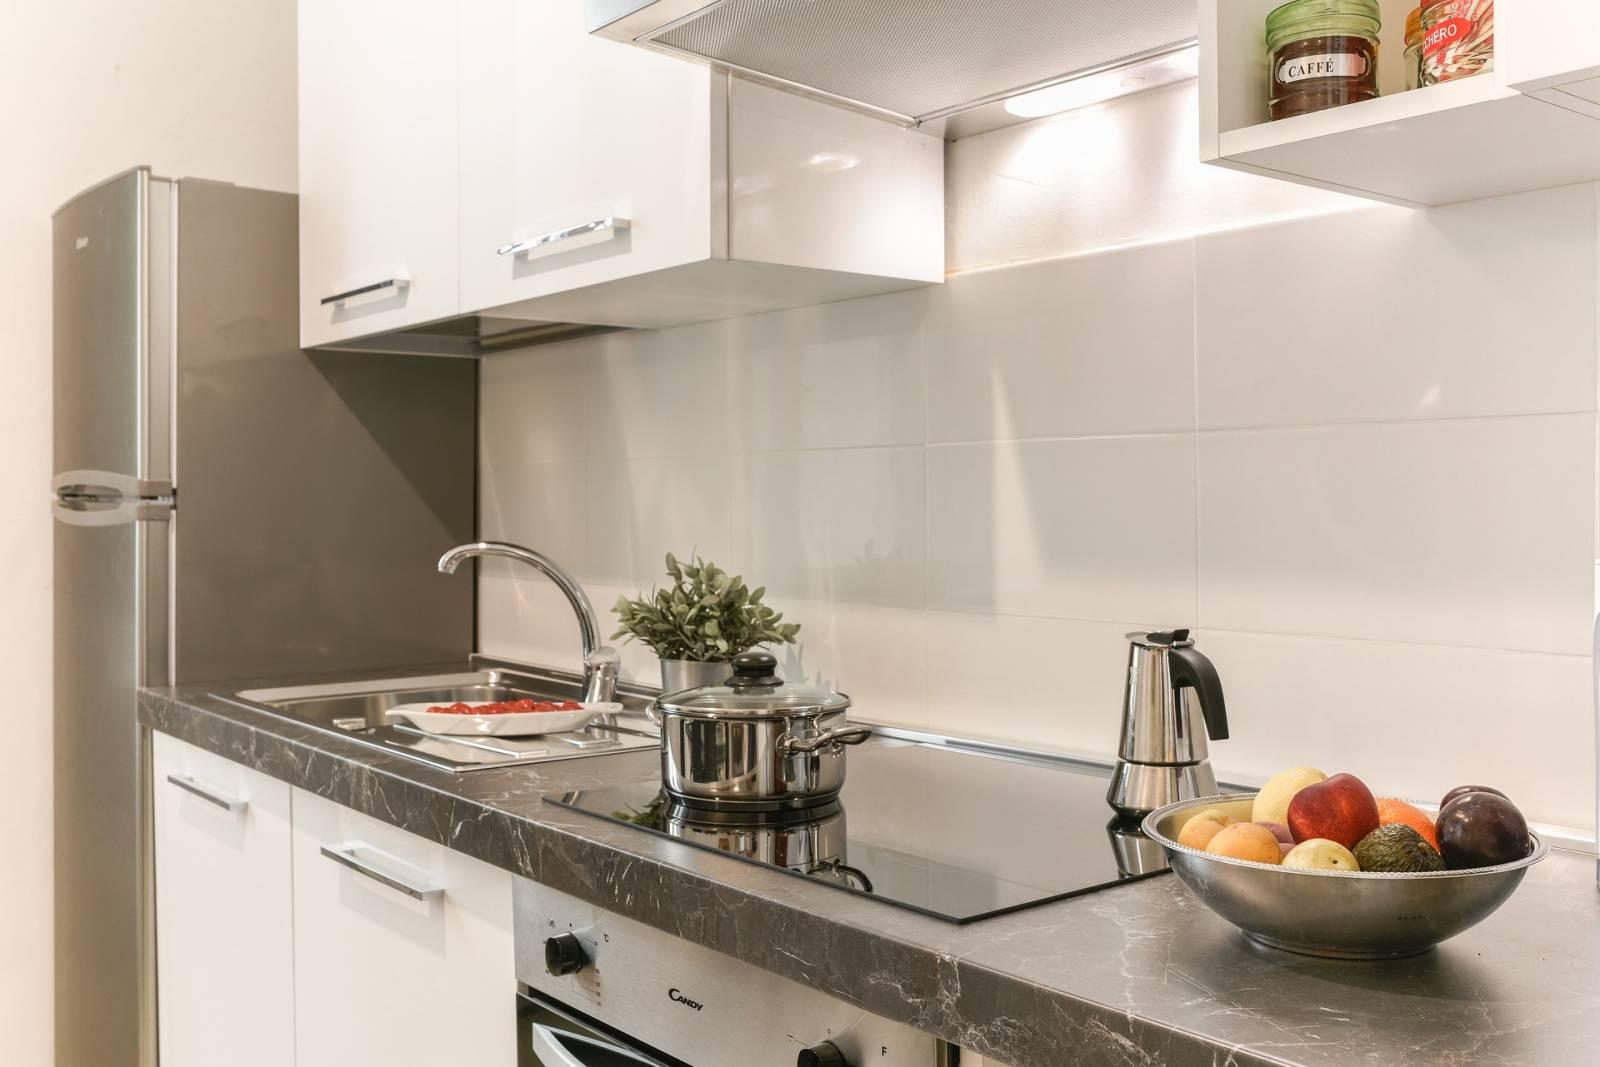 Quel plan de travail choisir pour sa cuisine haut de gamme - Quel plan de travail choisir pour une cuisine ...